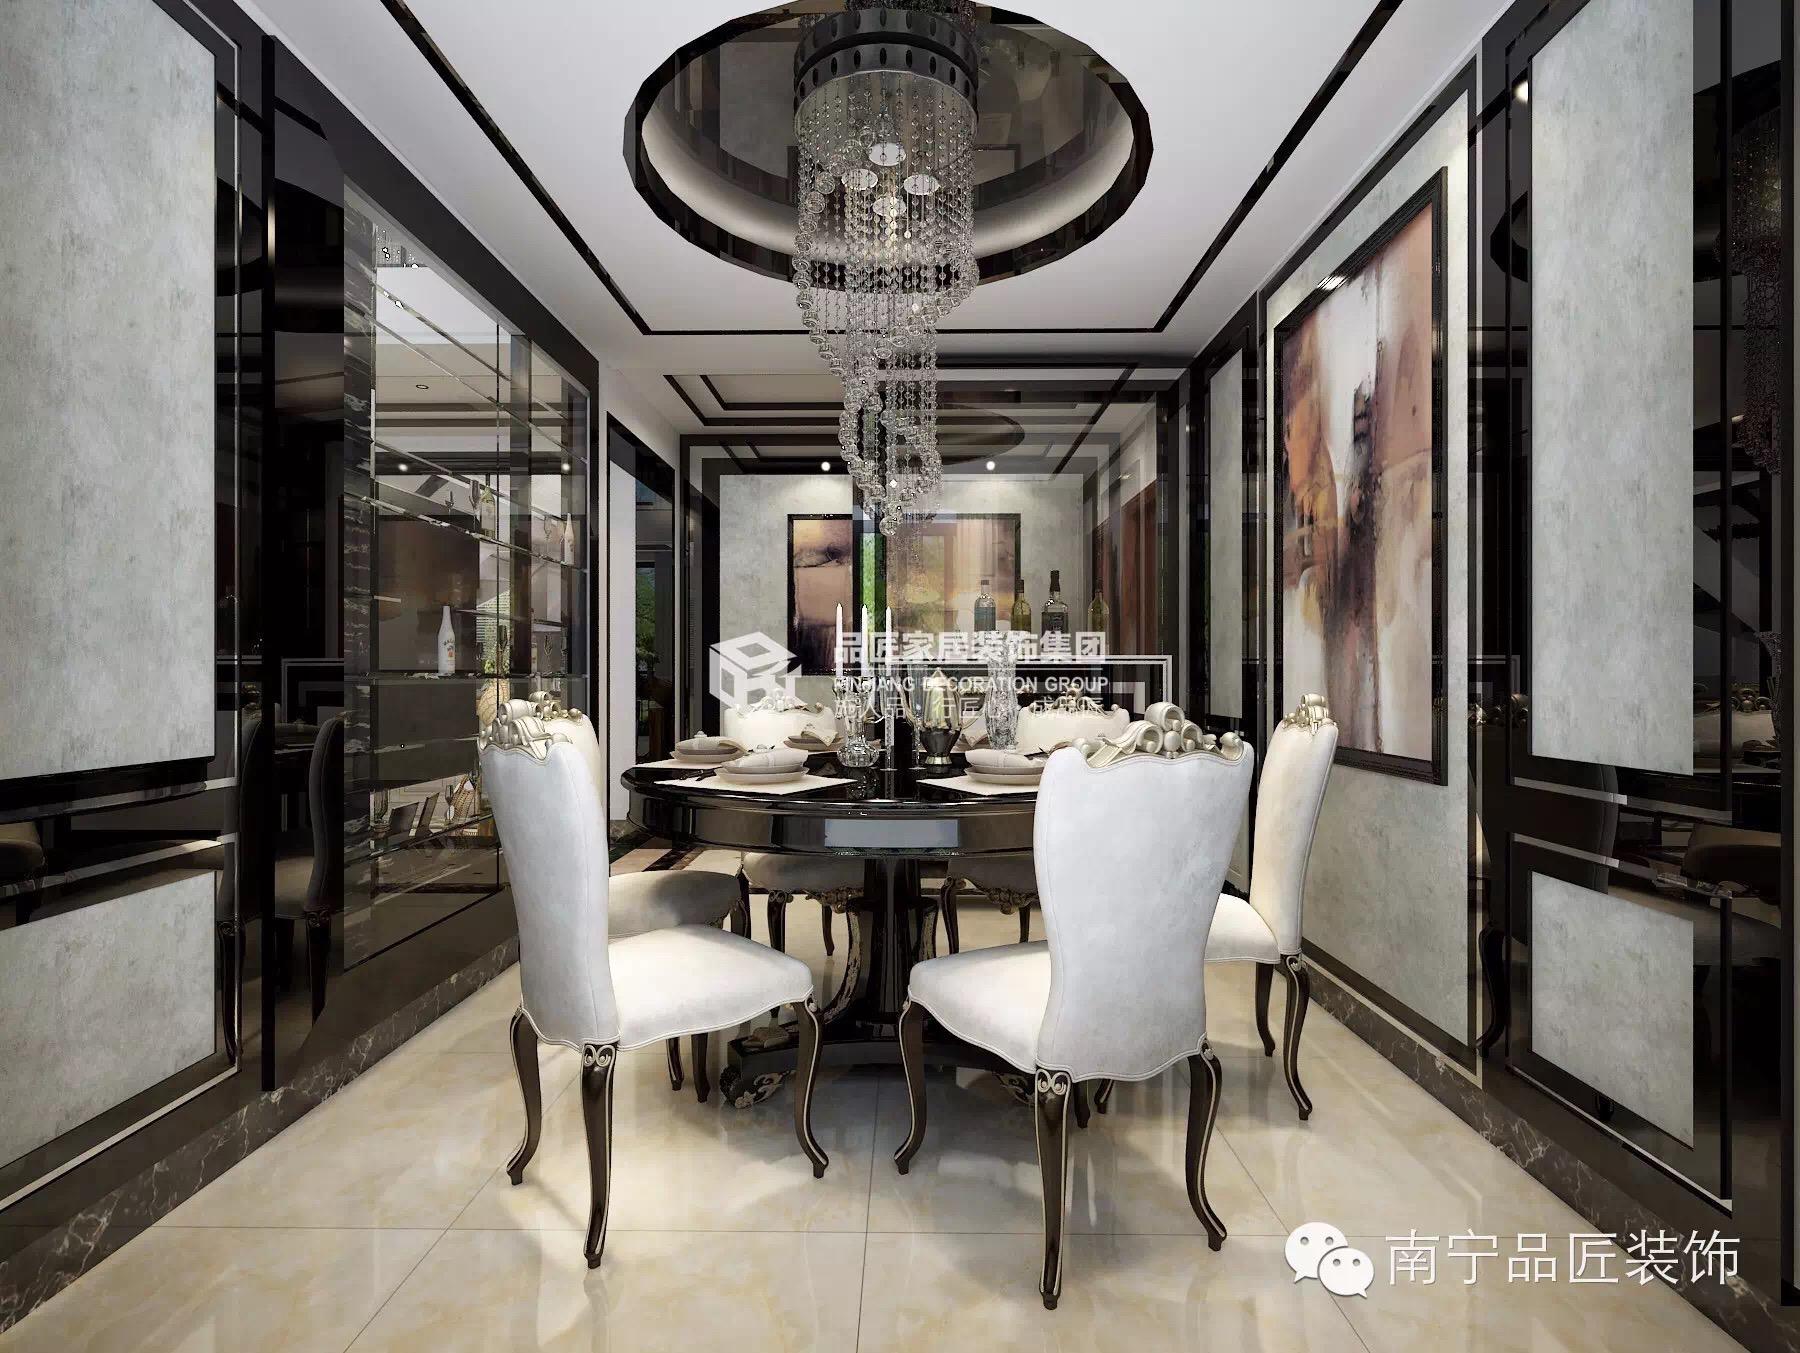 欧式 餐厅图片来自广西品匠装饰集团在大观天下楼中楼奢华欧式装修风格的分享